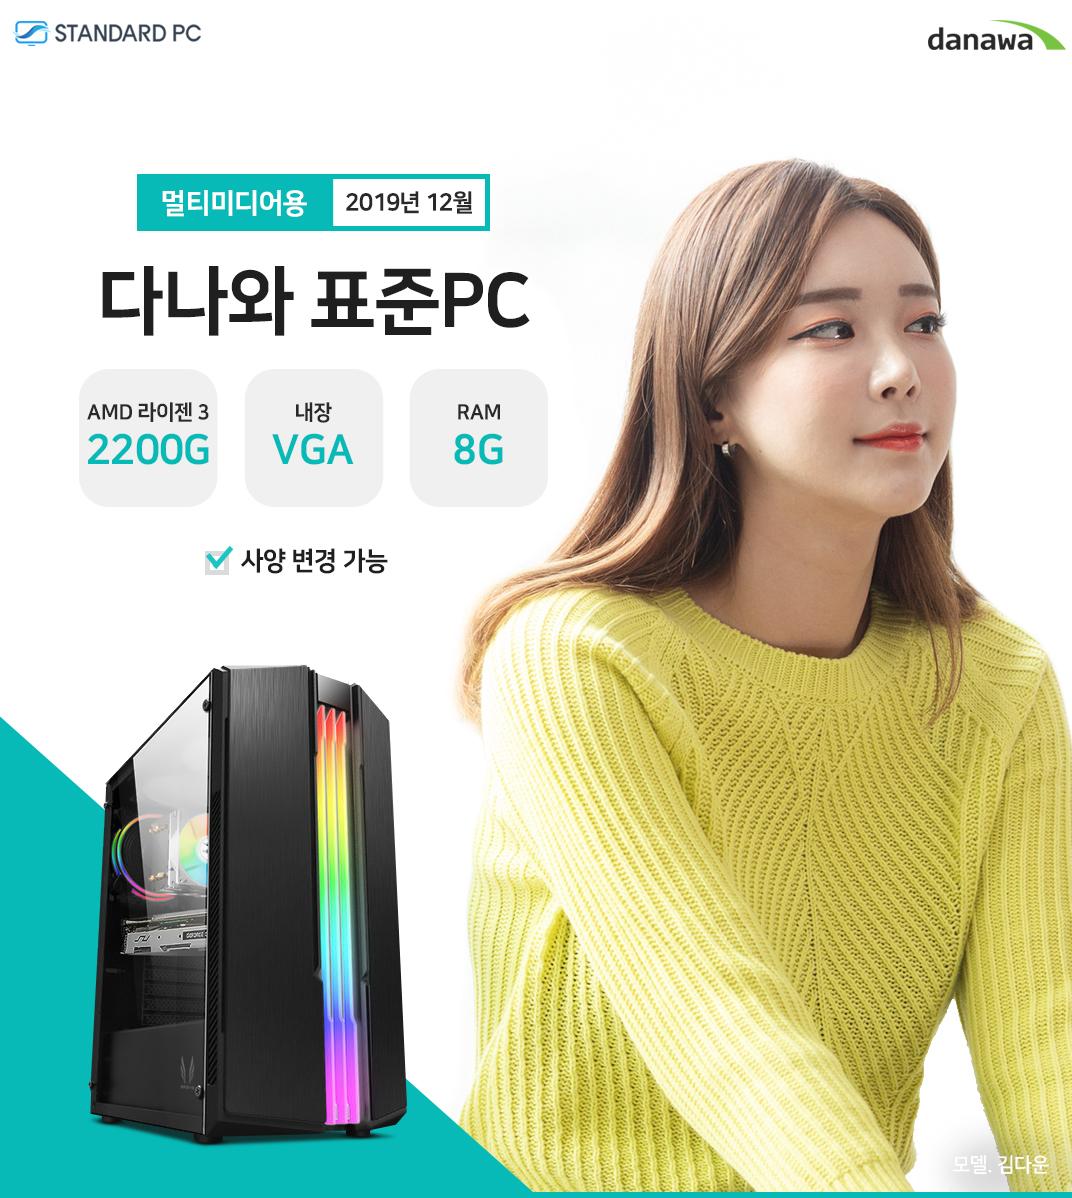 2019년 12월 다나와 표준PC 멀티미디어용 AMD 라이젠 3 2200G 내장 VGA RAM 8G 모델 김다운